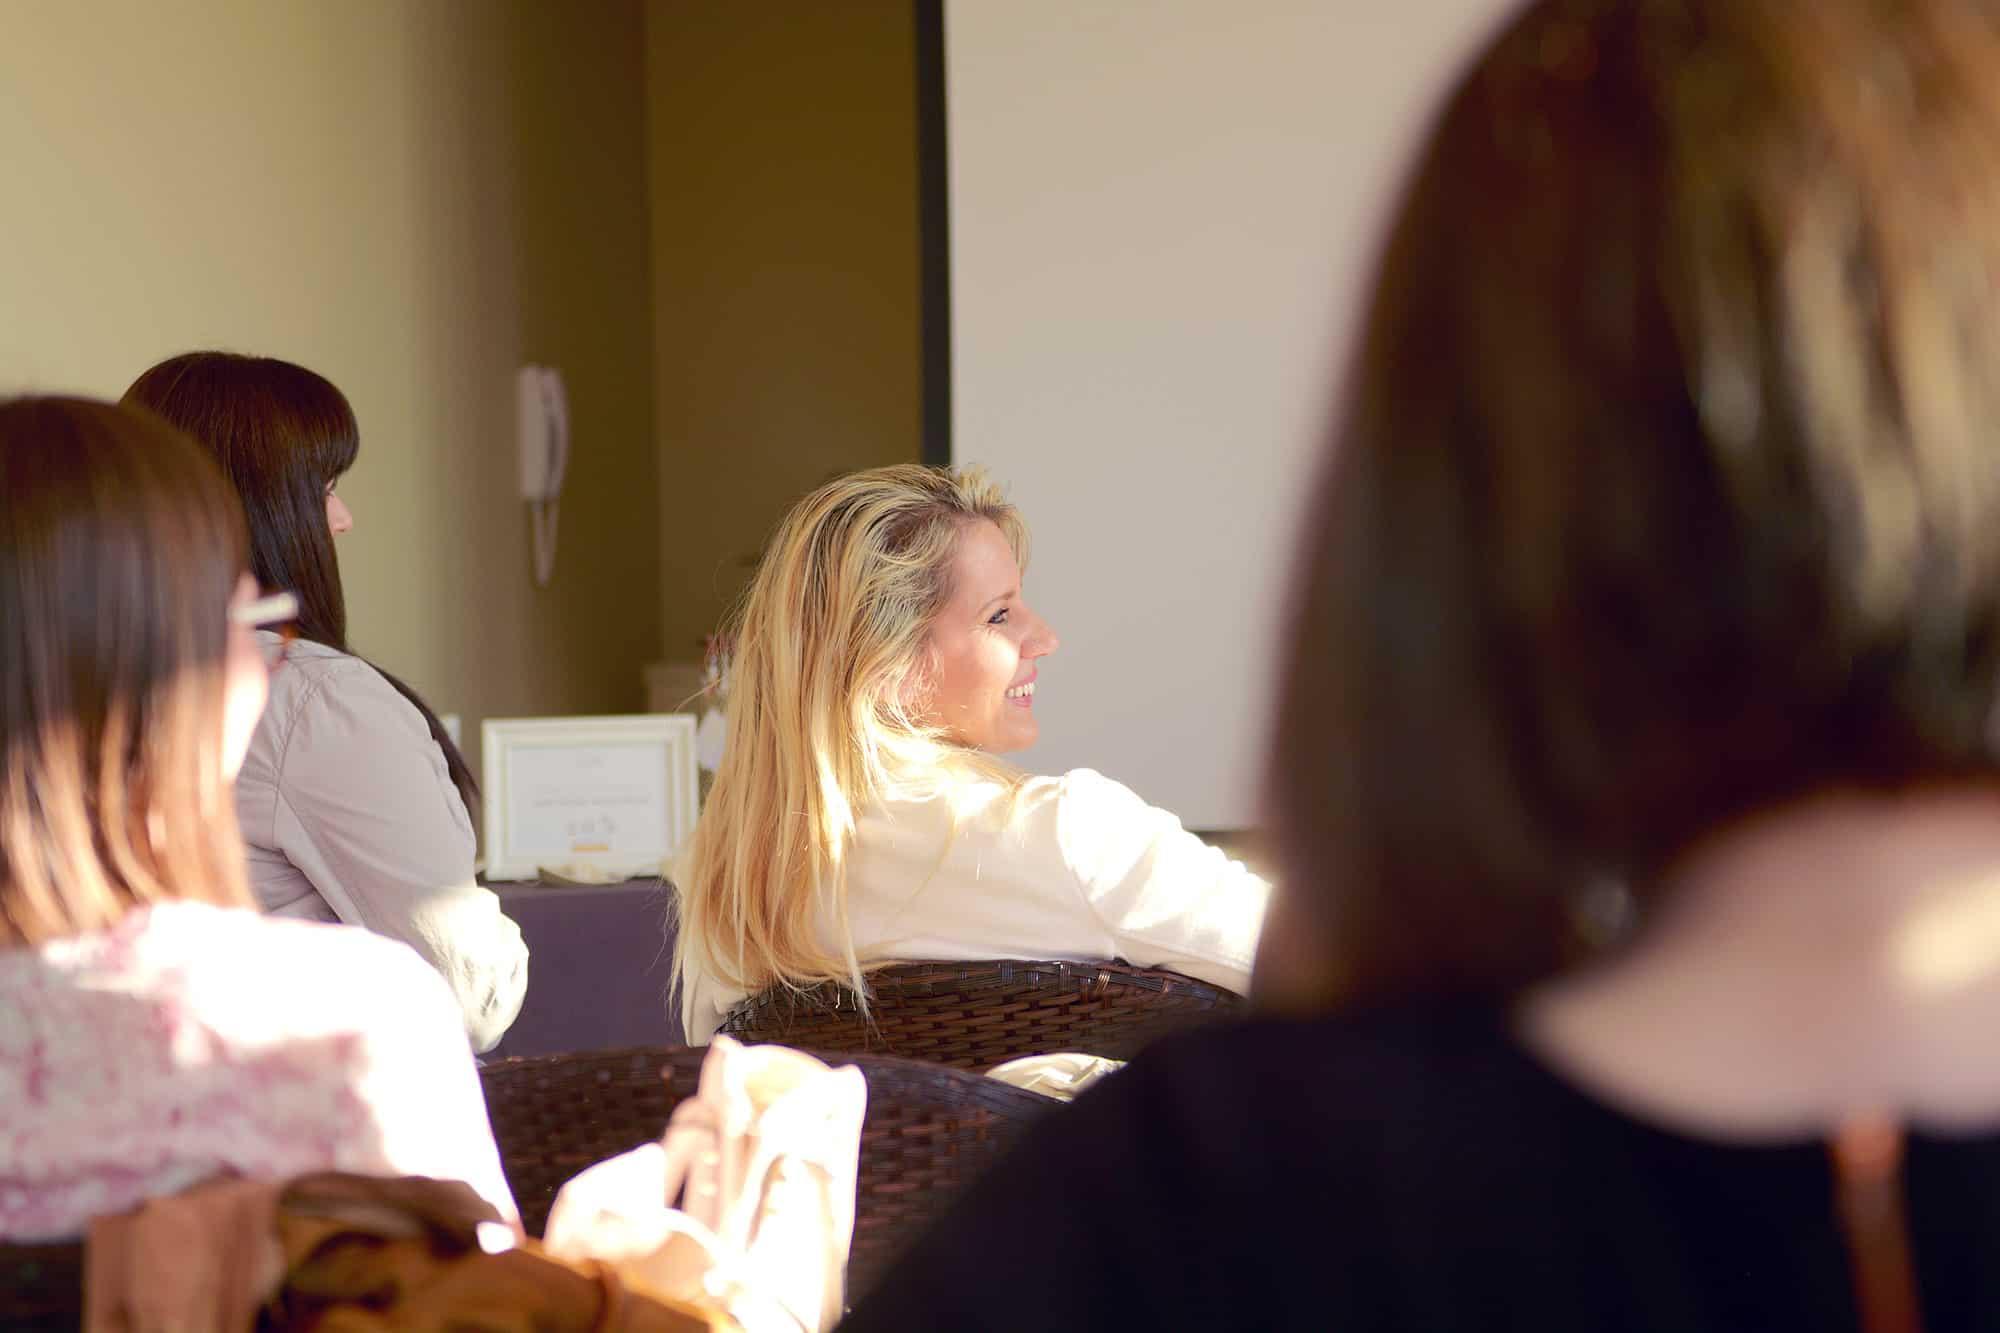 Petra Cutuk Vjeruj Traži Manifestiraj Zdravlje Meditacija Vježbe Disanja Samopouzdanje Posao Pms Pula Sreća Ciljevi Promjena Ljepota Izazov Afirmacije Ljubav